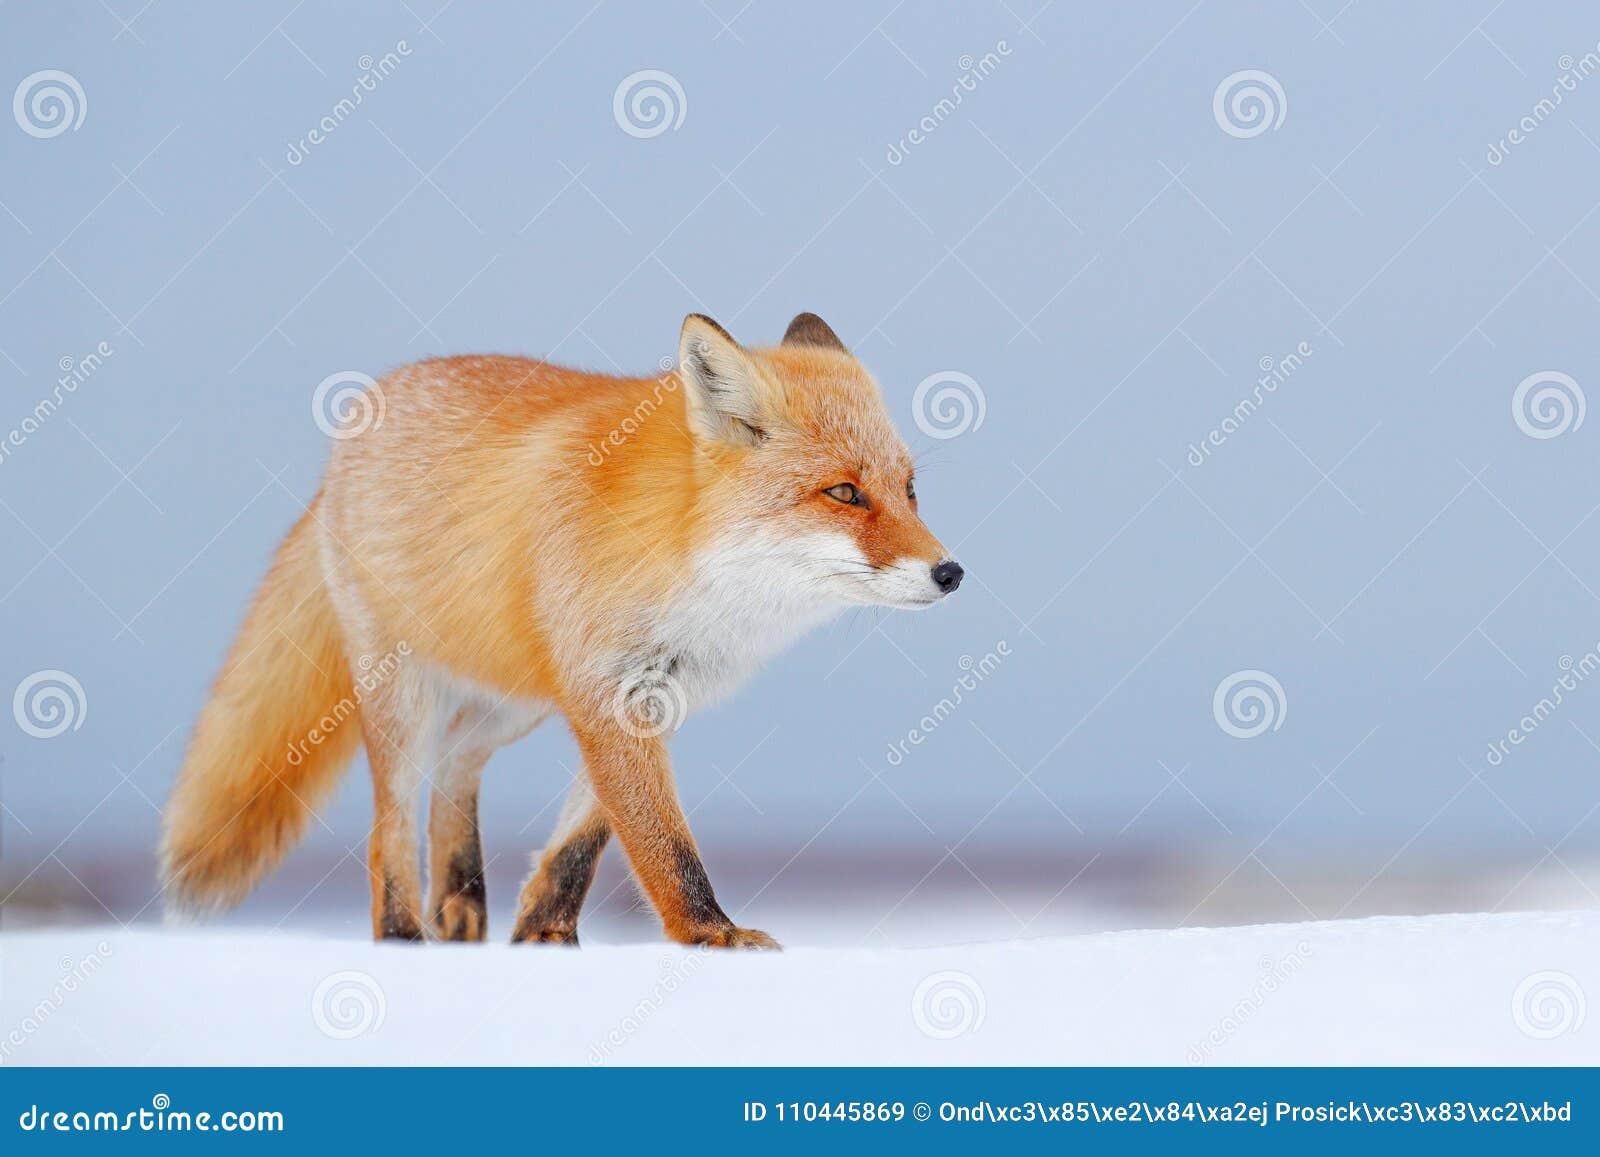 Rode vos in witte sneeuw De koude winter met oranje bontvos De jacht van dier in de sneeuwweide, Japan Mooi oranje laag dierlijk